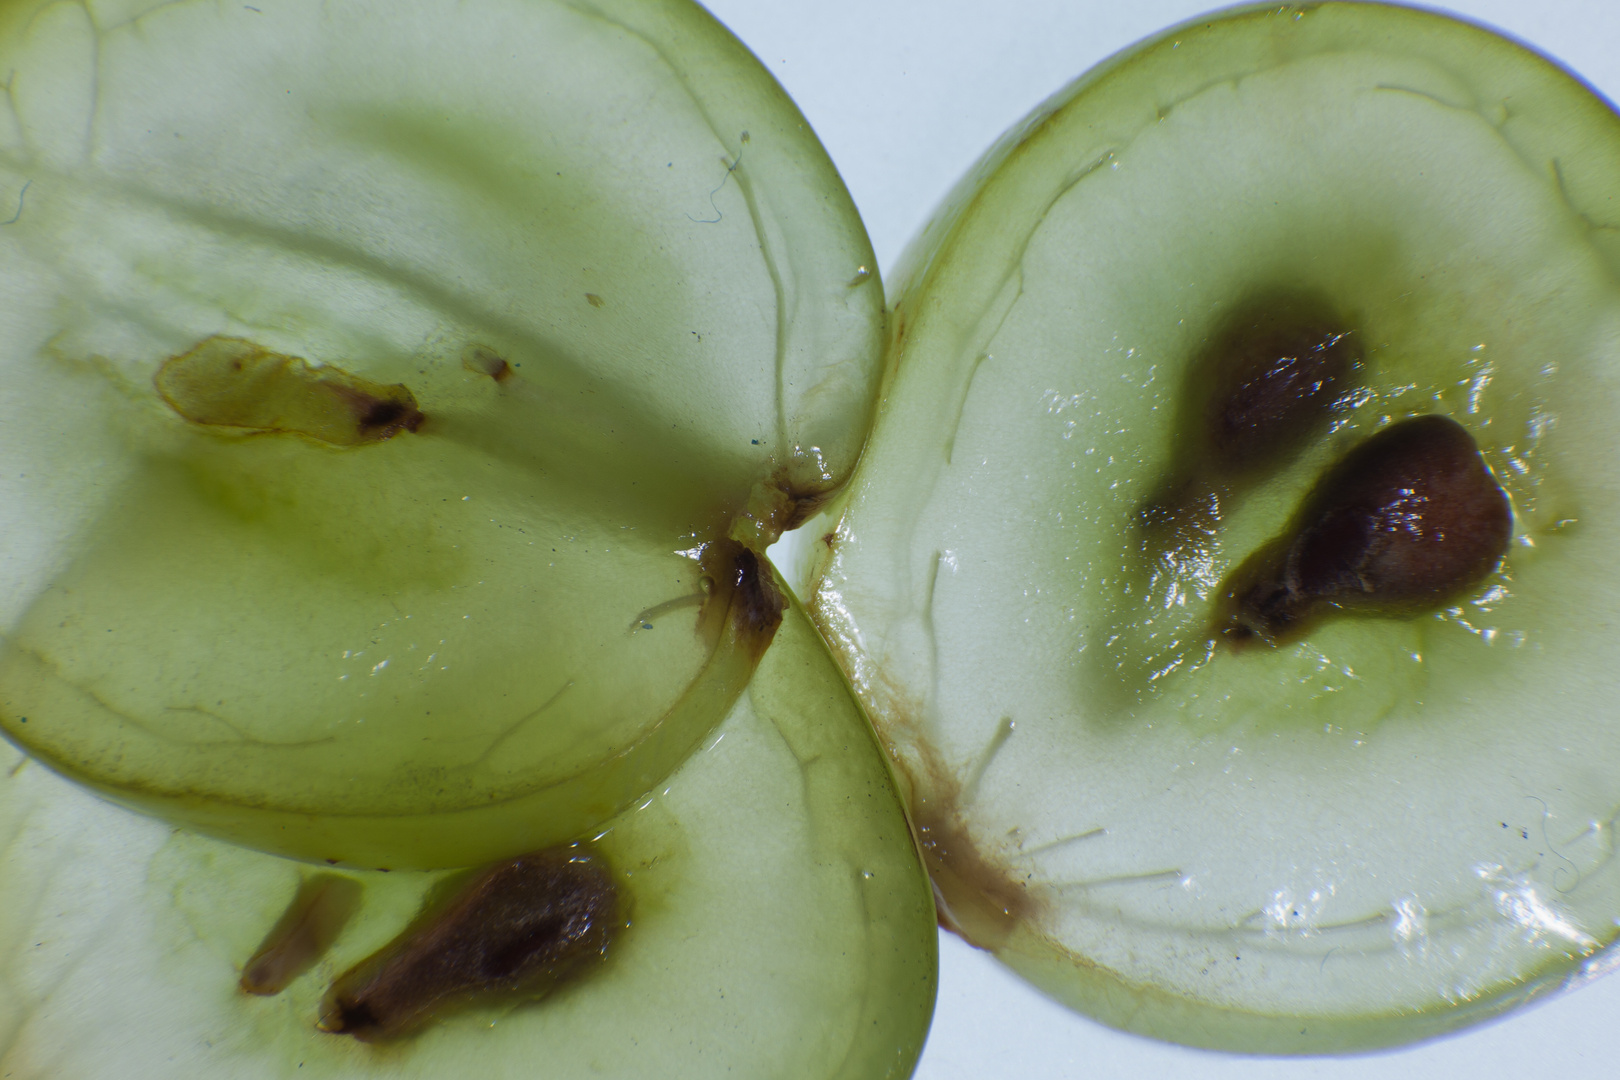 Uva laminada